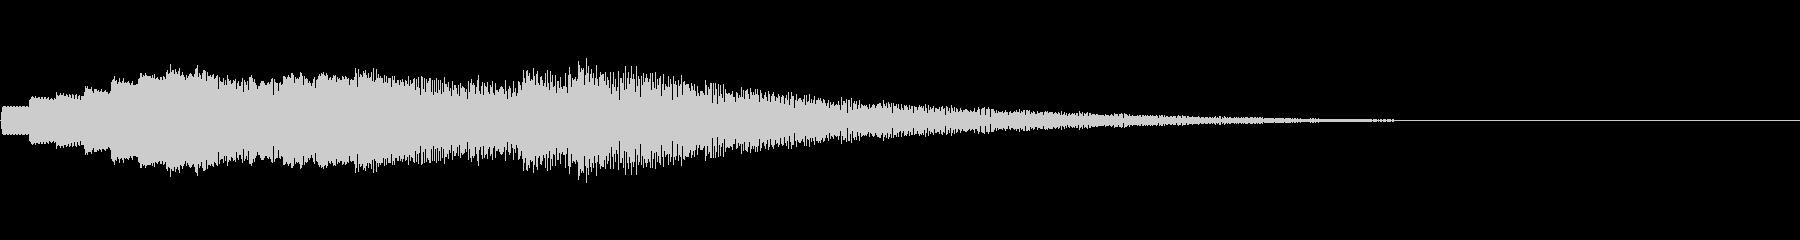 KANTチャイムベルアイキャッチ29の未再生の波形